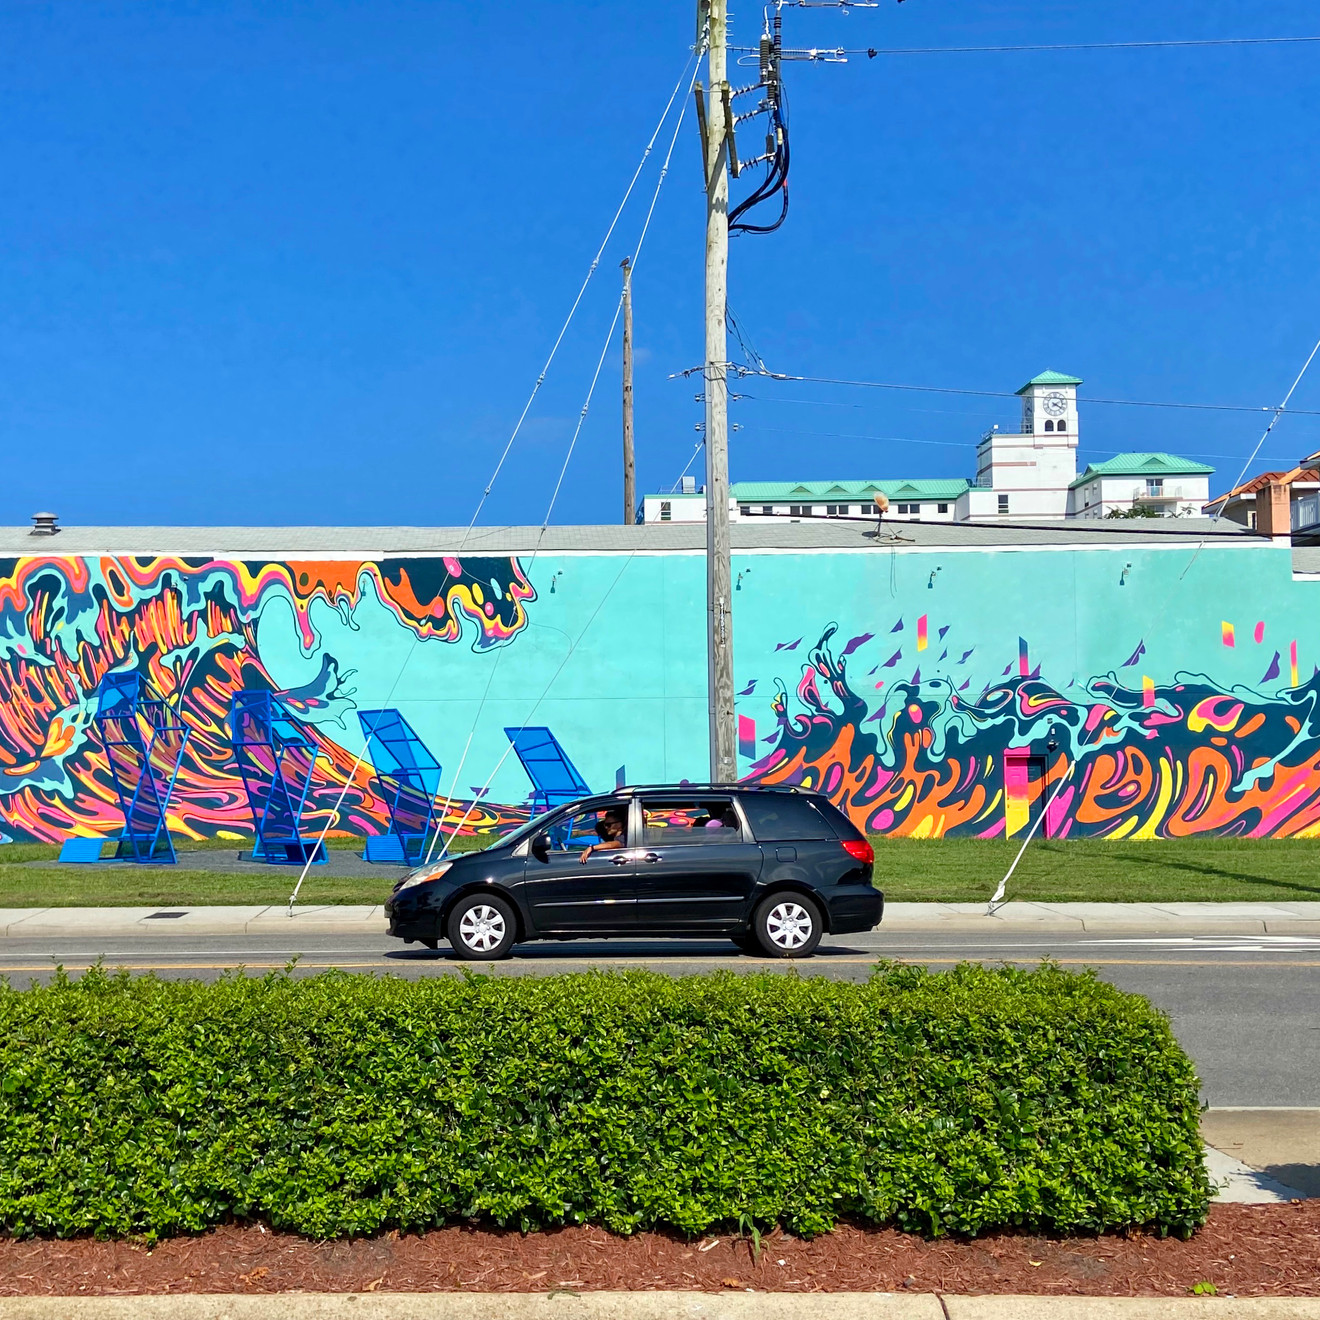 Barreled_ Acrross the Street.jpg